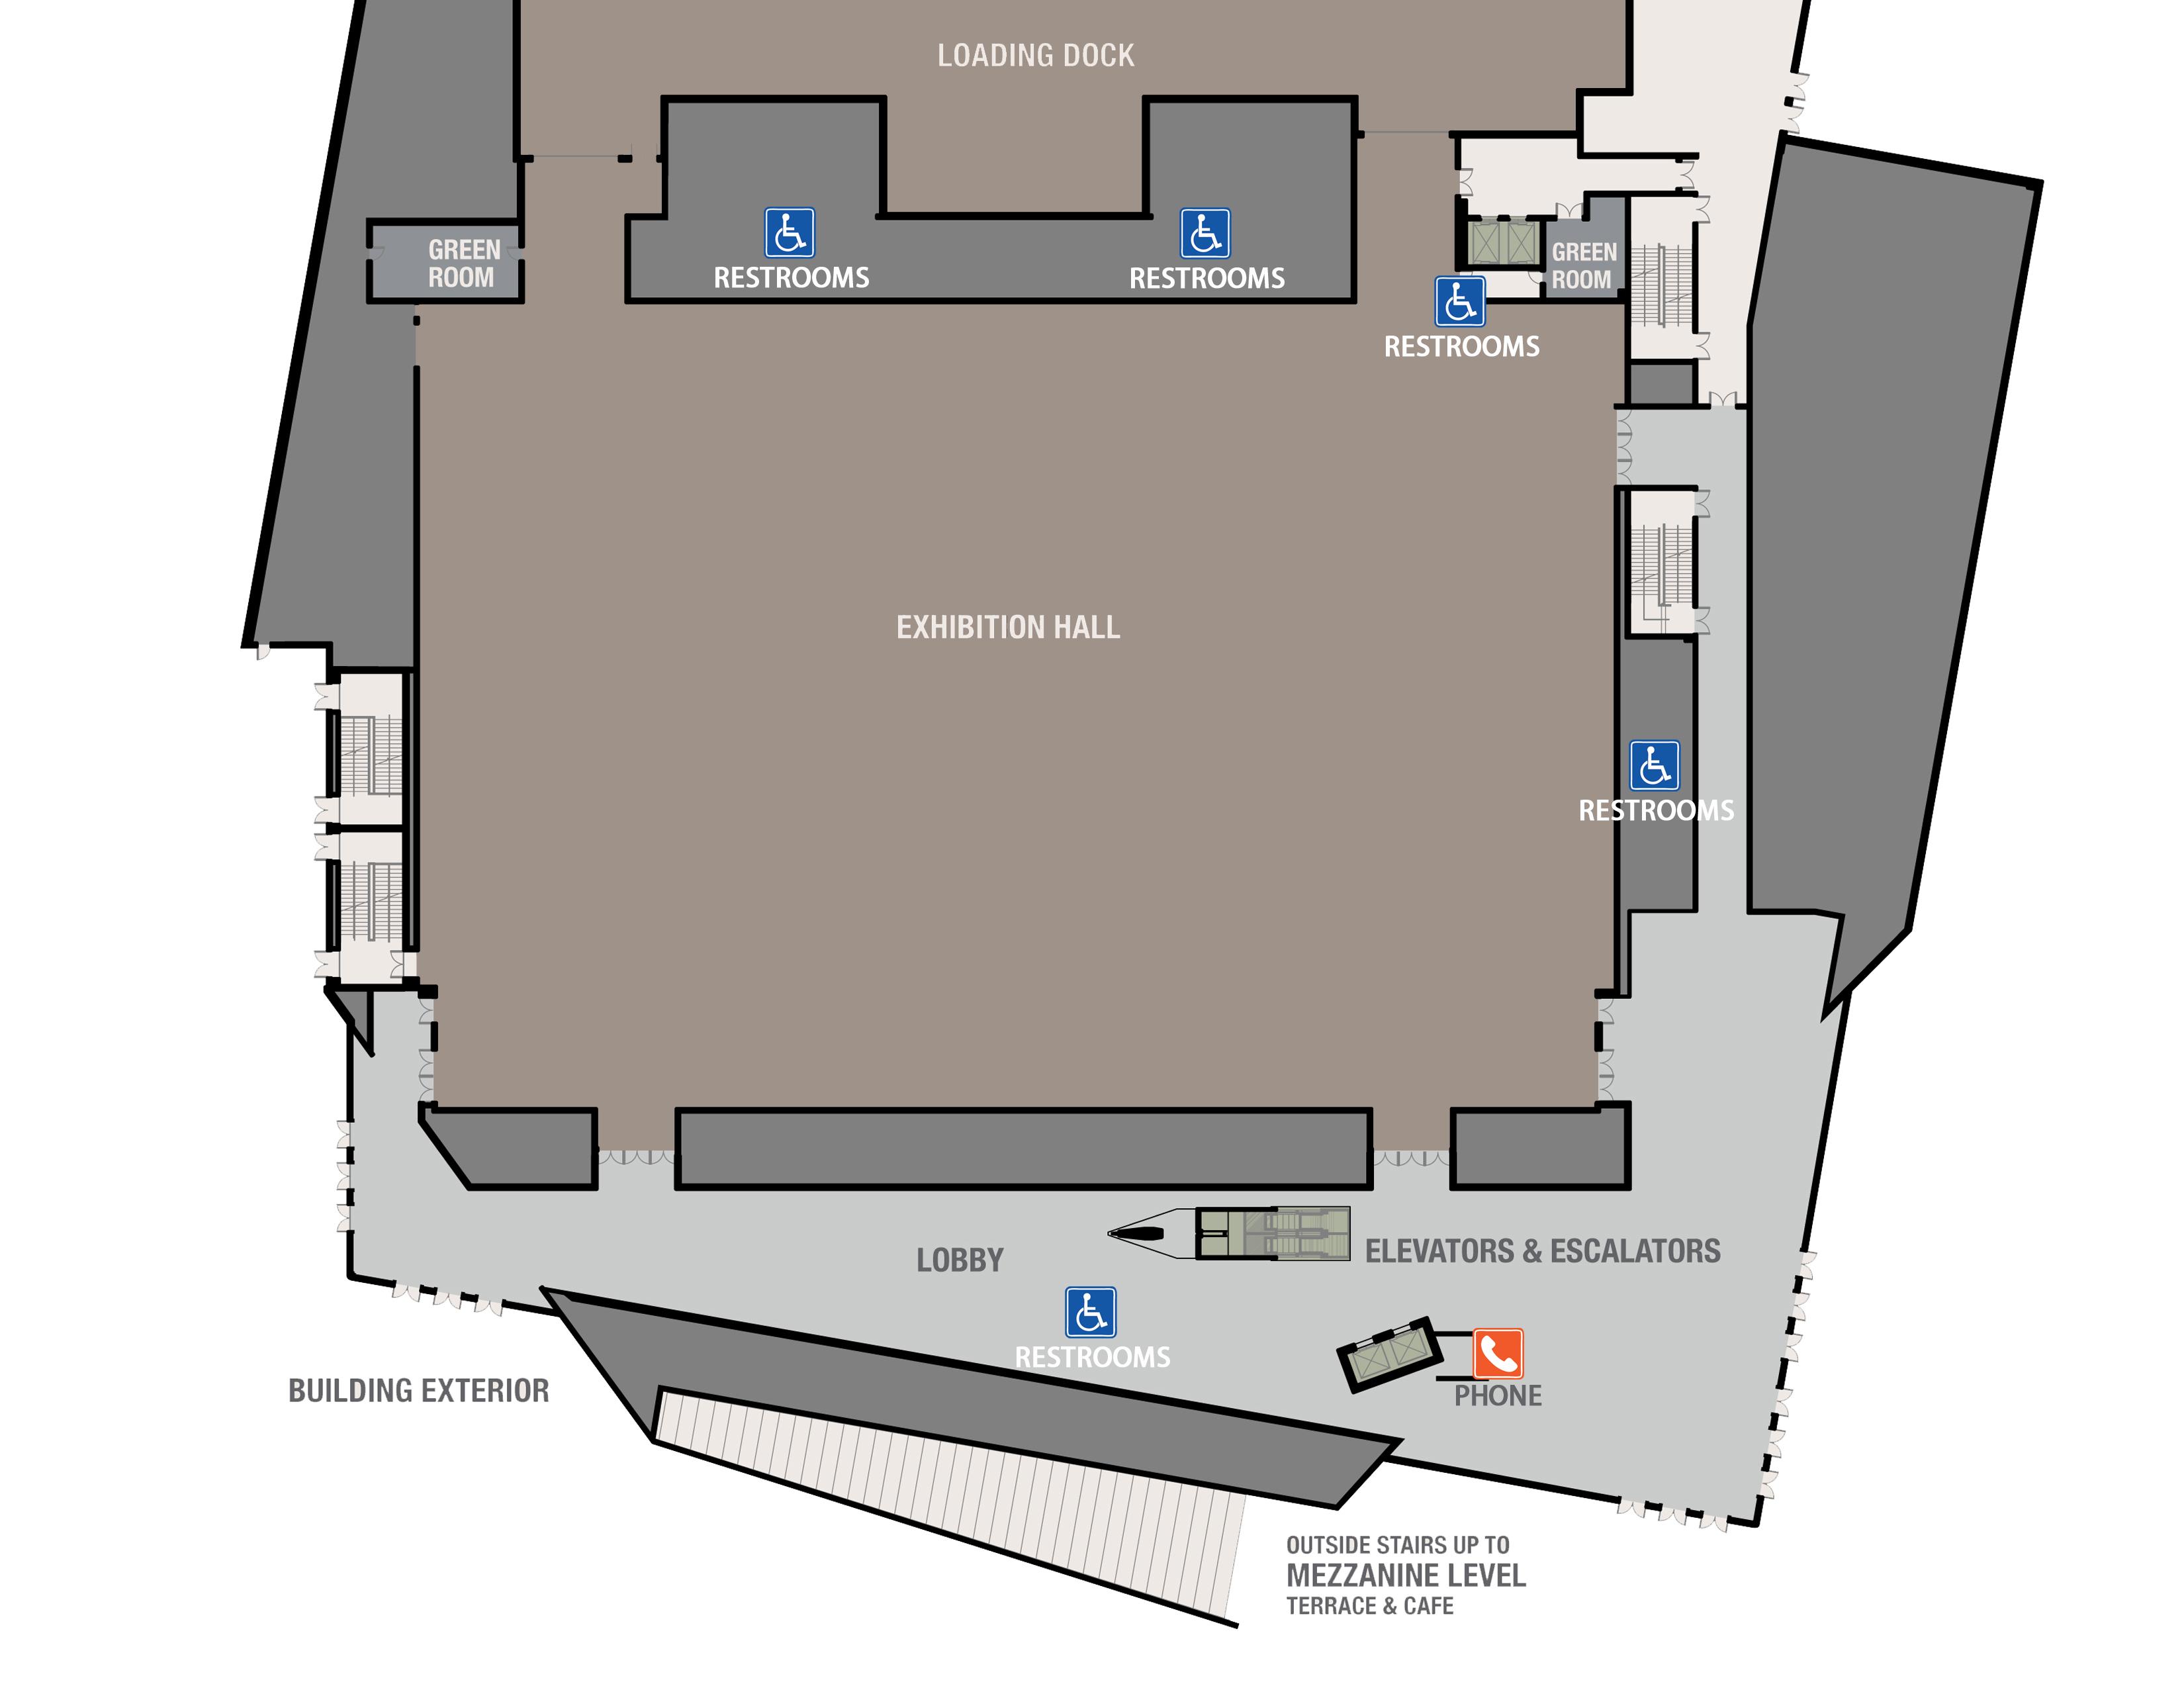 ADA - Exhibit Hall Floor Plan